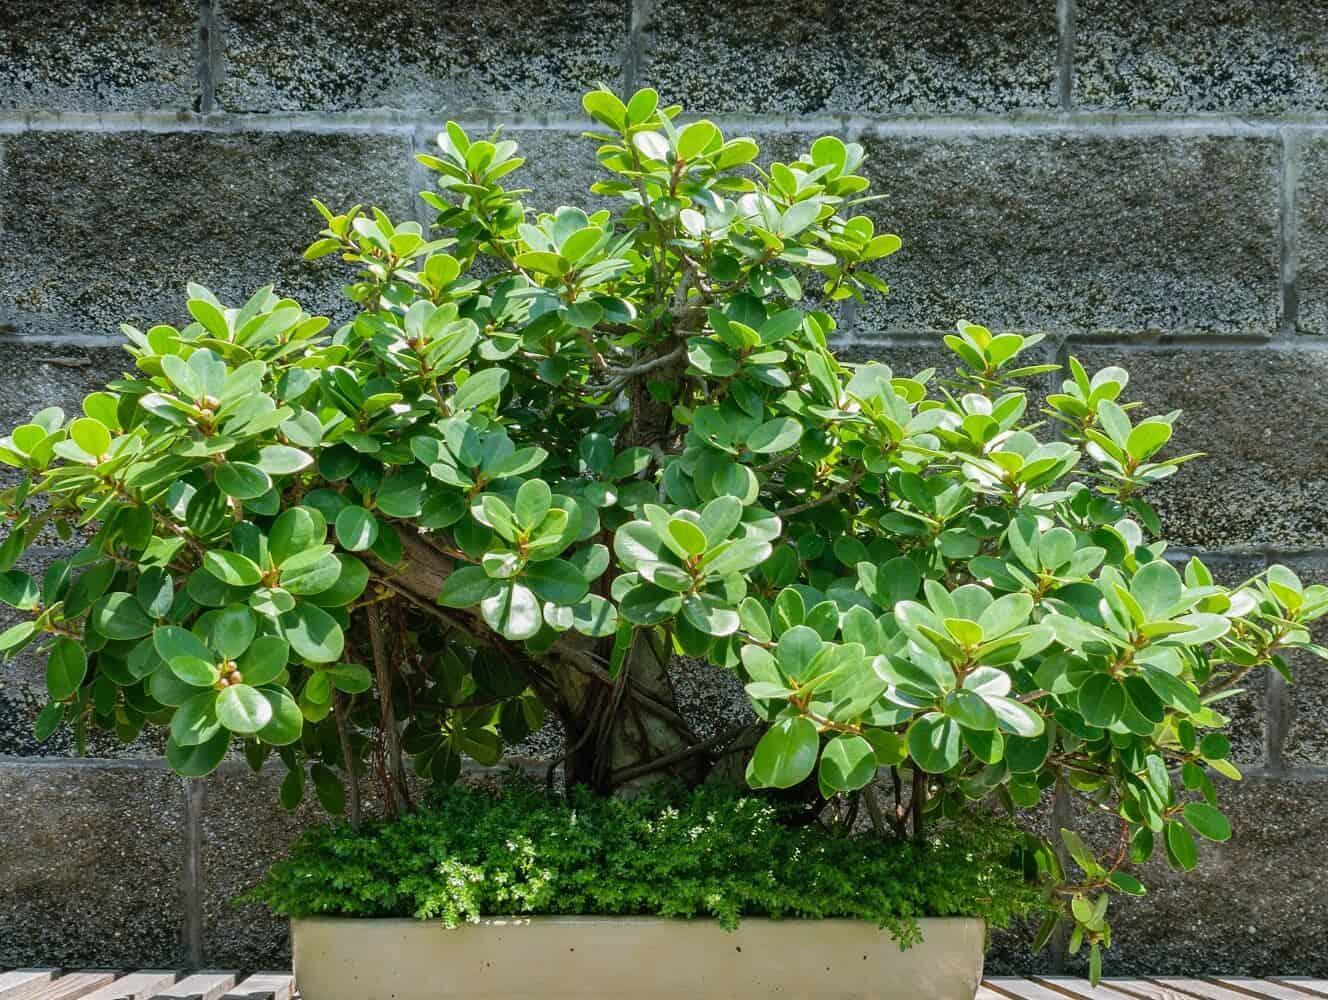 Green Island ficus featured - ficus microcarpa